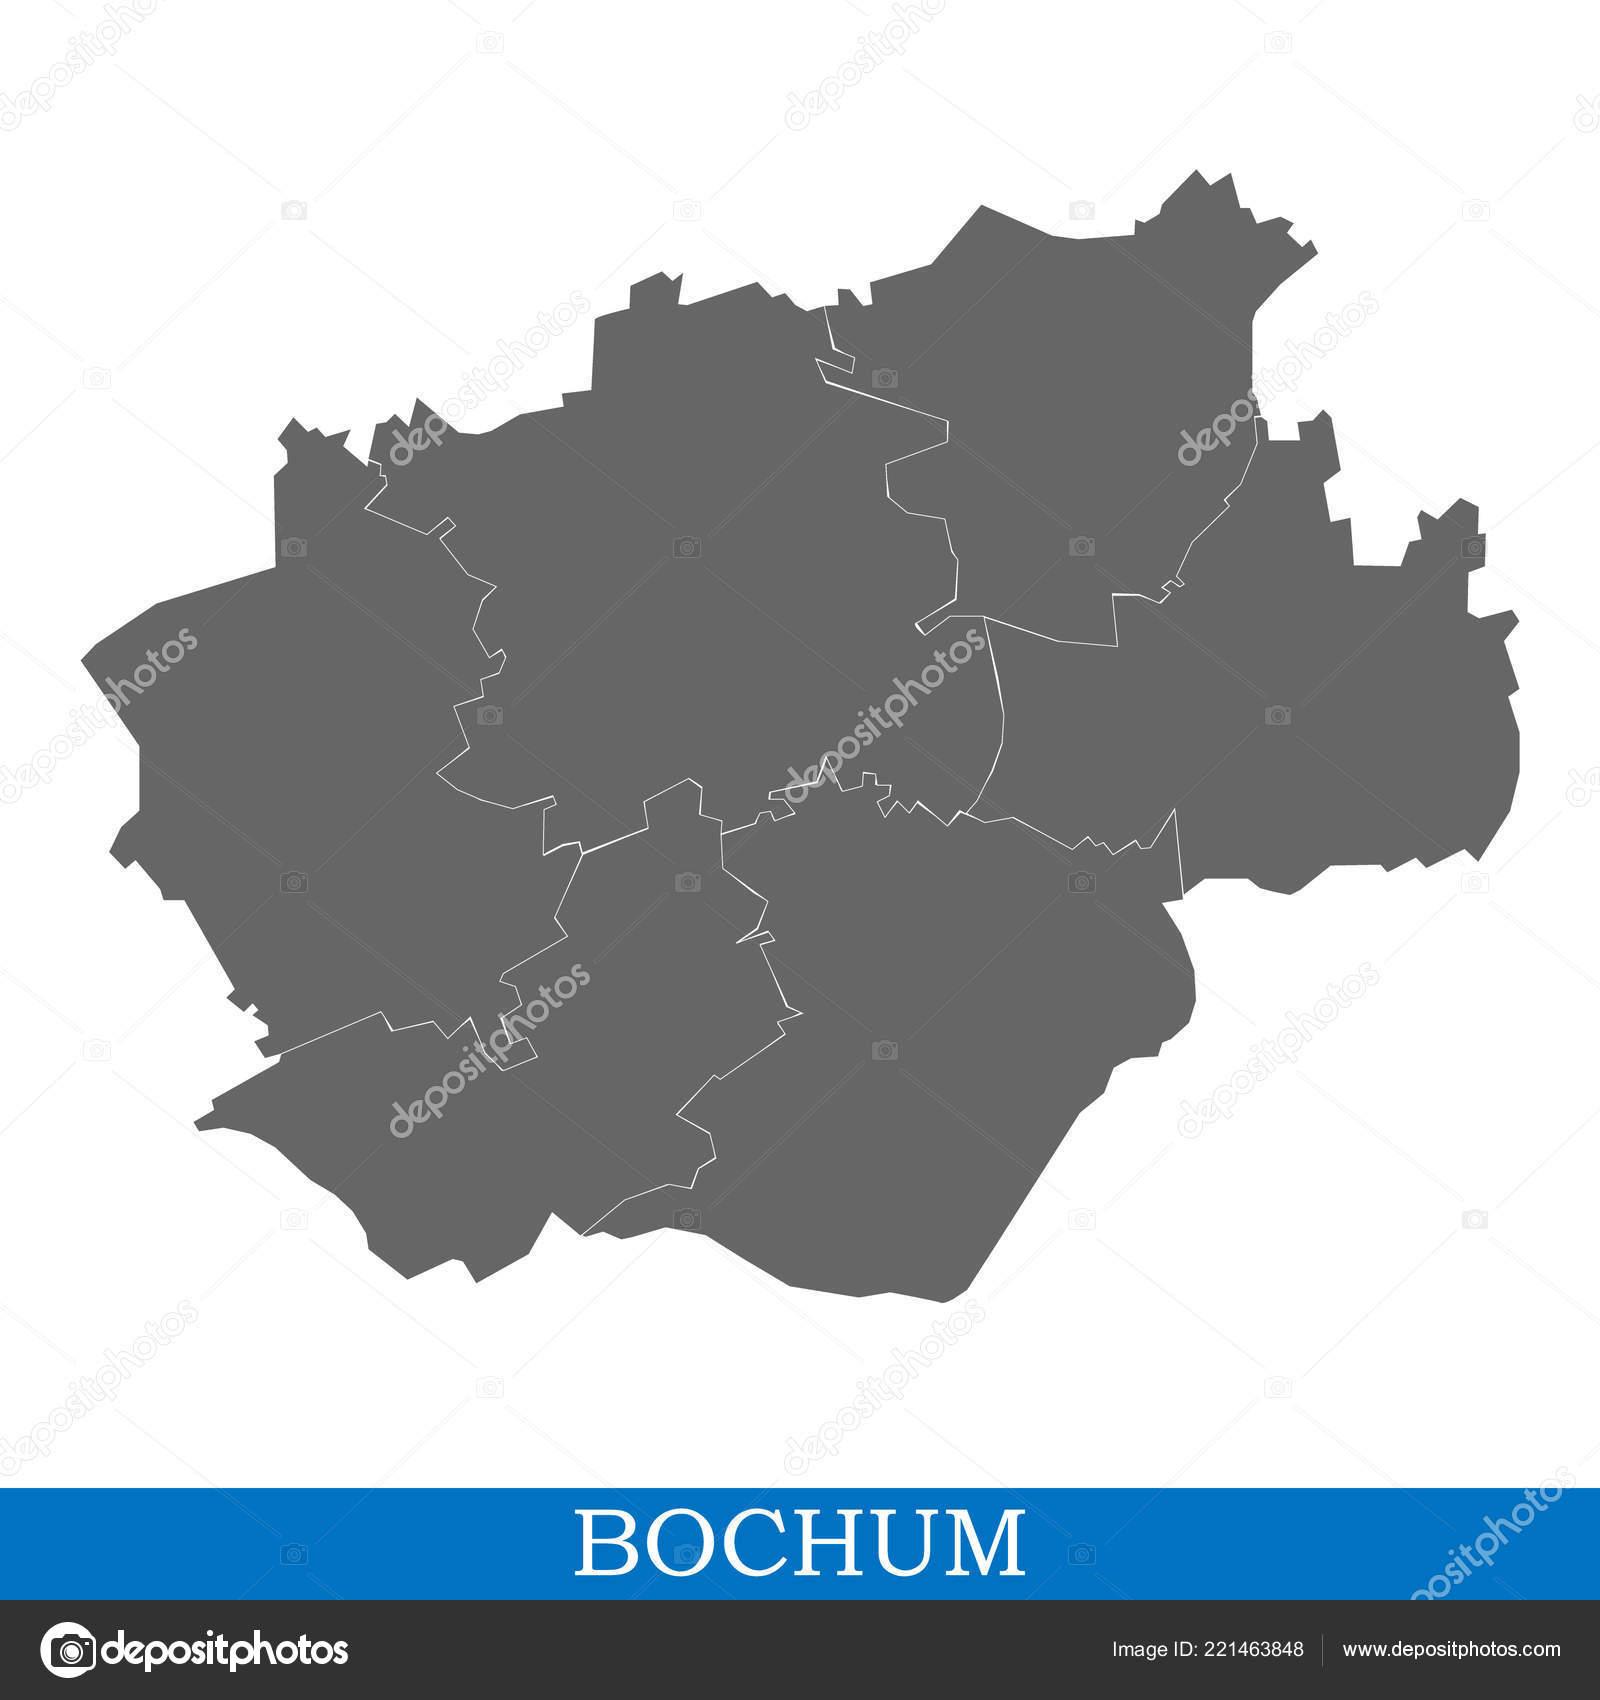 Bochum Karte.Hohe Qualität Karte Von Bochum Ist Eine Stadt Deutschlands Mit